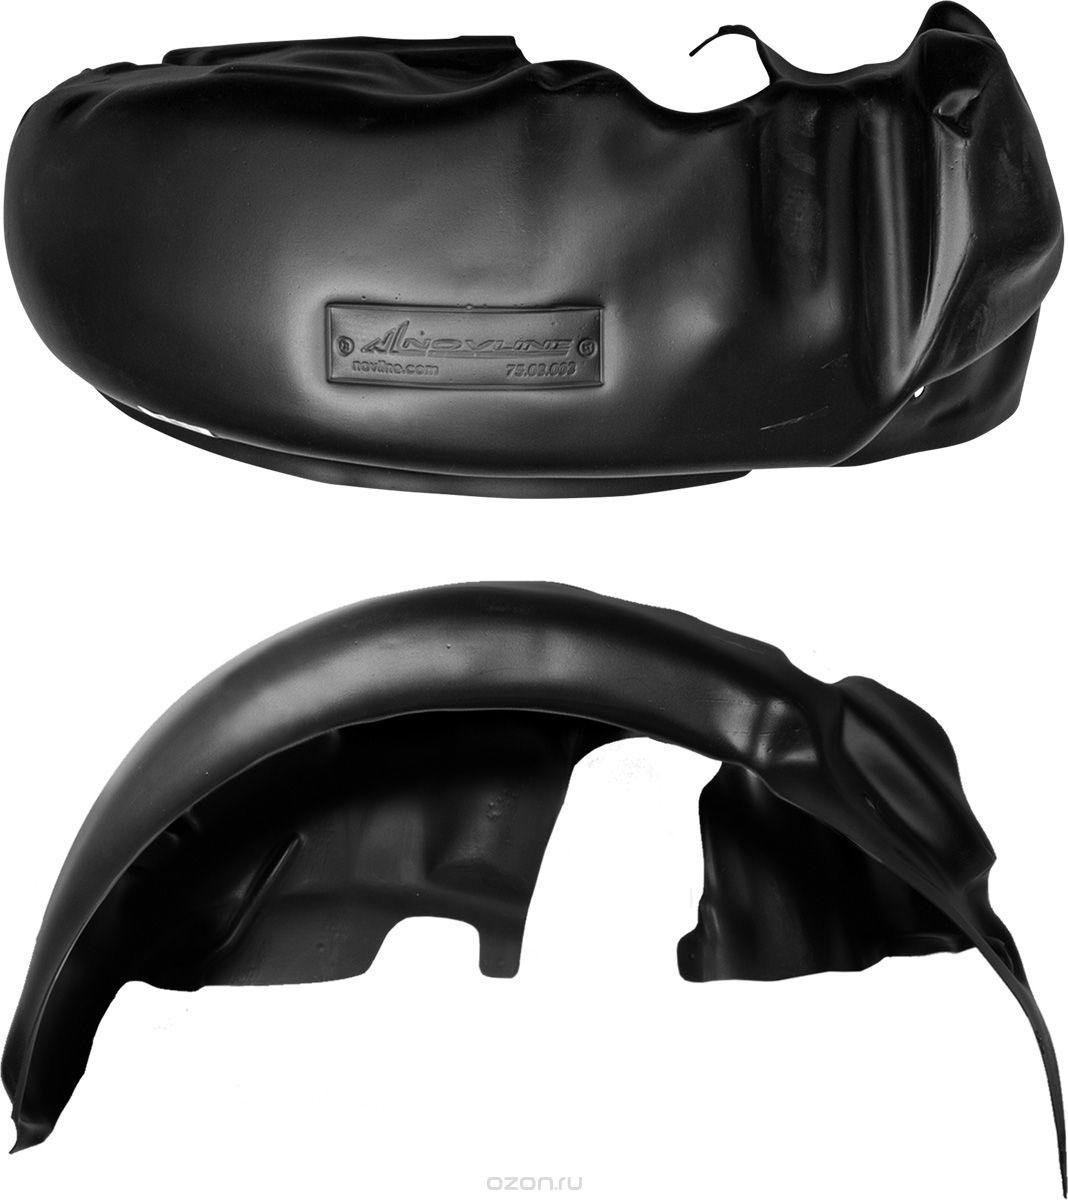 Подкрылок Novline-Autofamily, для HAIMA M3, 09/2014->, сед., задний правыйNLL.83.03.004Идеальная защита колесной ниши. Локеры разработаны с применением цифровых технологий, гарантируют максимальную повторяемость поверхности арки. Изделия устанавливаются без нарушения лакокрасочного покрытия автомобиля, каждый подкрылок комплектуется крепежом. Уважаемые клиенты, обращаем ваше внимание, что фотографии на подкрылки универсальные и не отражают реальную форму изделия. При этом само изделие идет точно под размер указанного автомобиля.